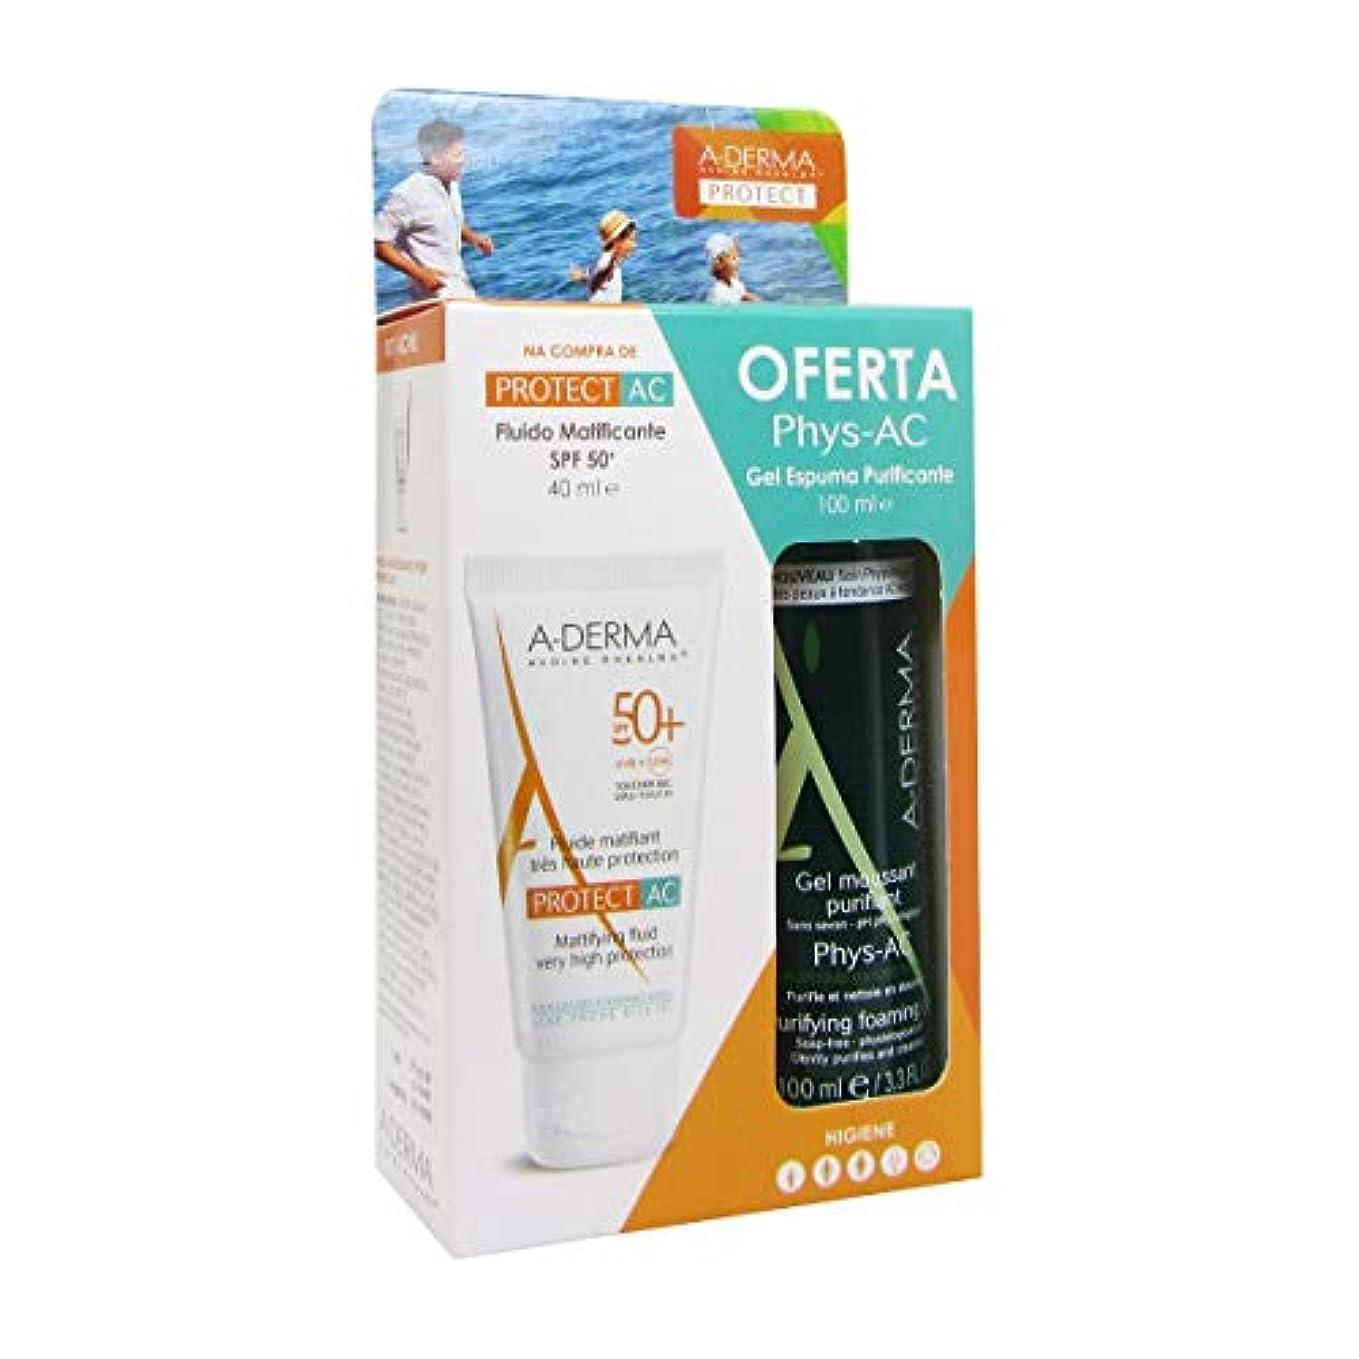 相対的ジョガー起きるA-derma Pack Protect-ac Fluid Spf50 + 40ml + Phys-ac Foam Gel 100ml [並行輸入品]